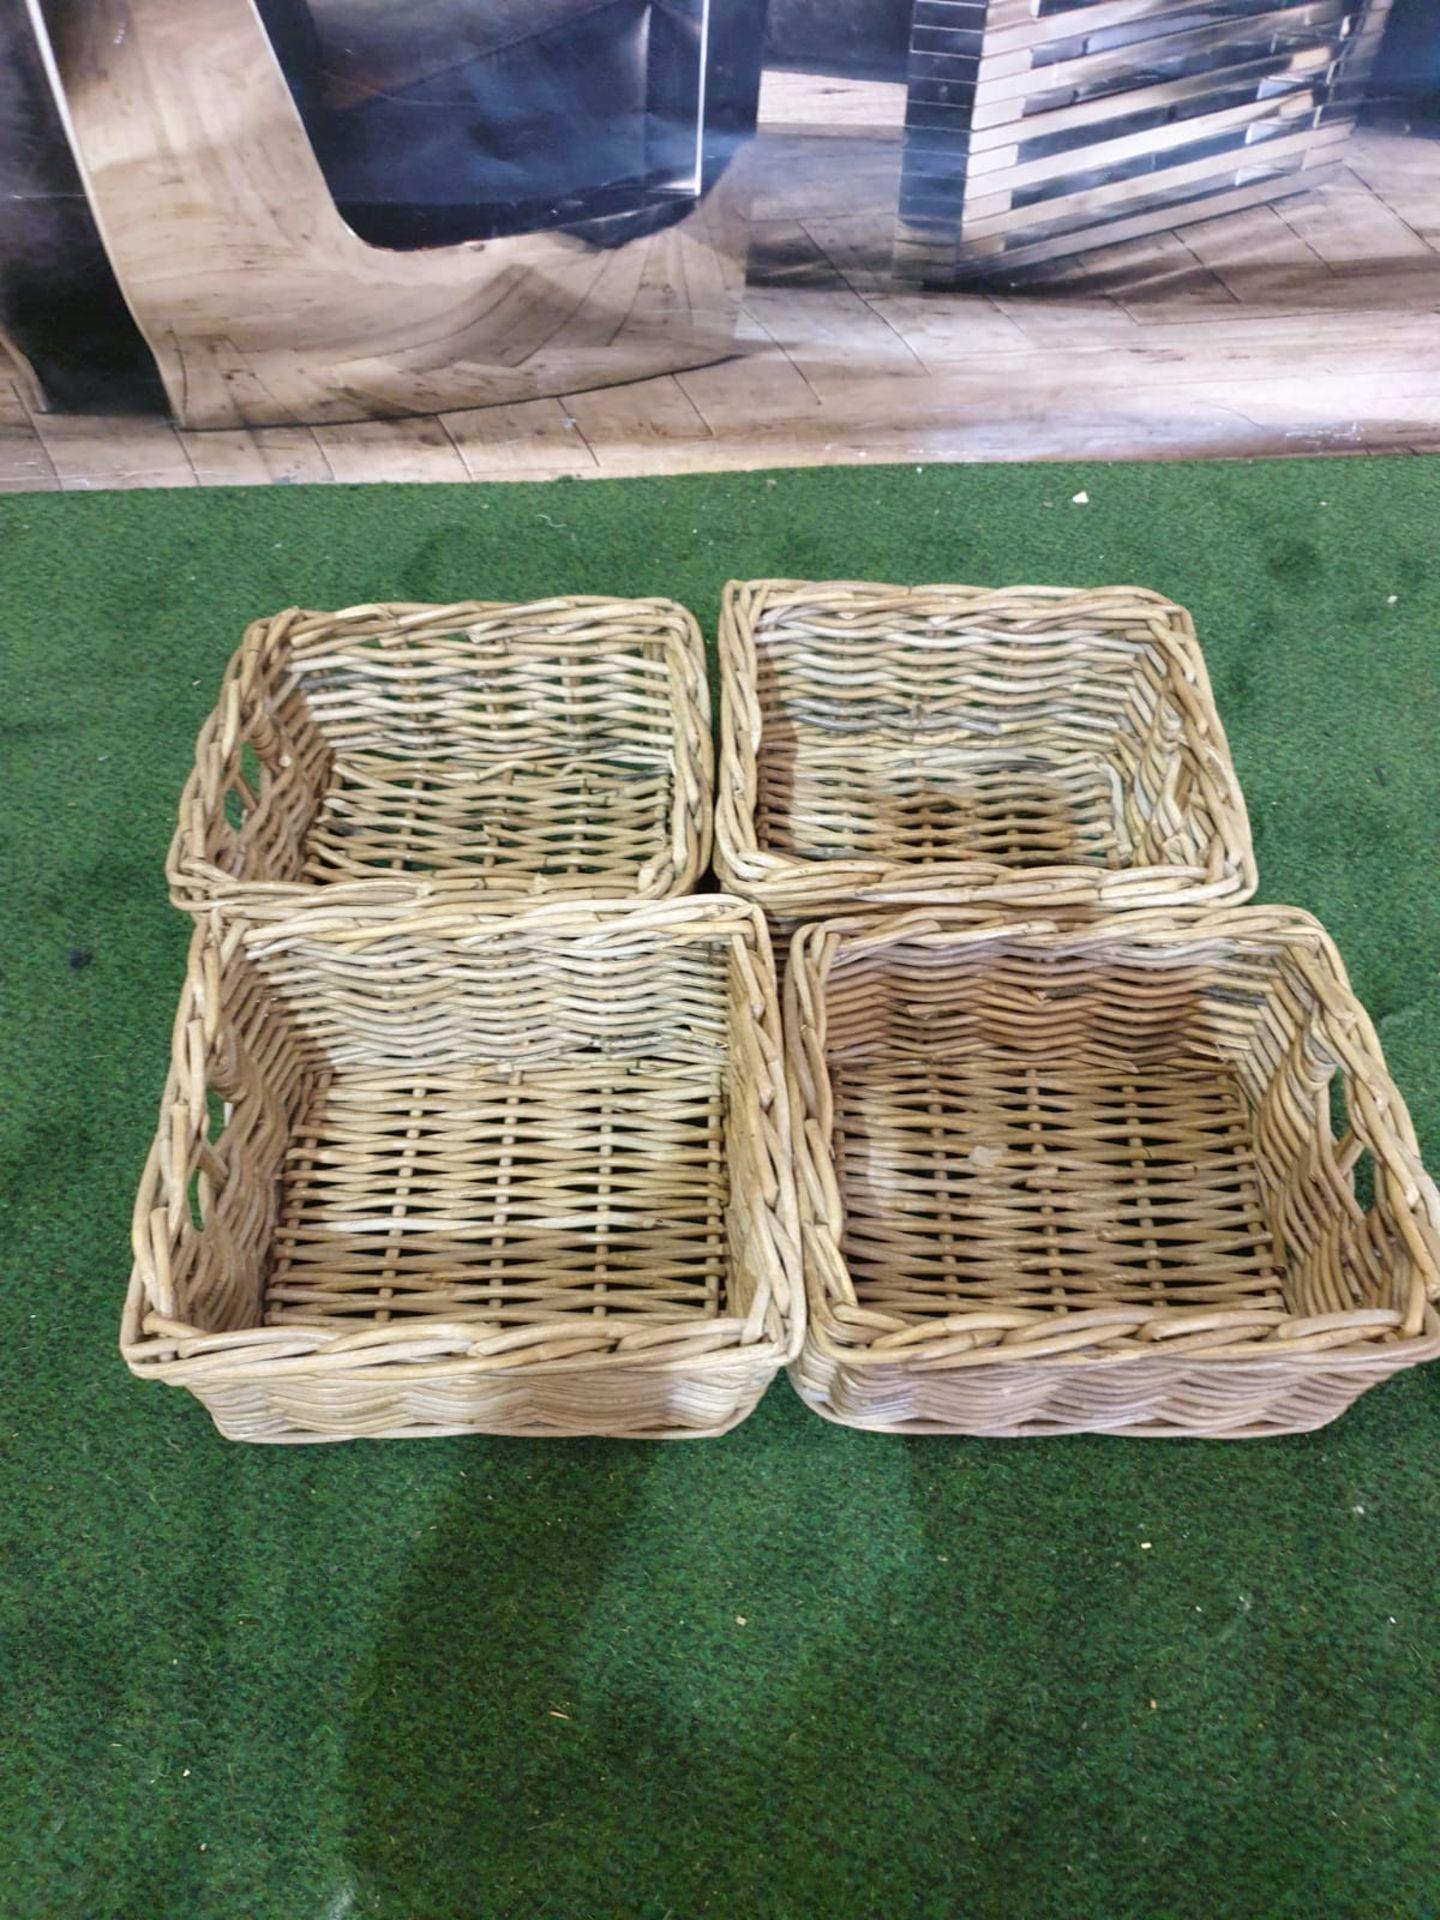 4 x Wicker baskets 29 x 25 x 15cm